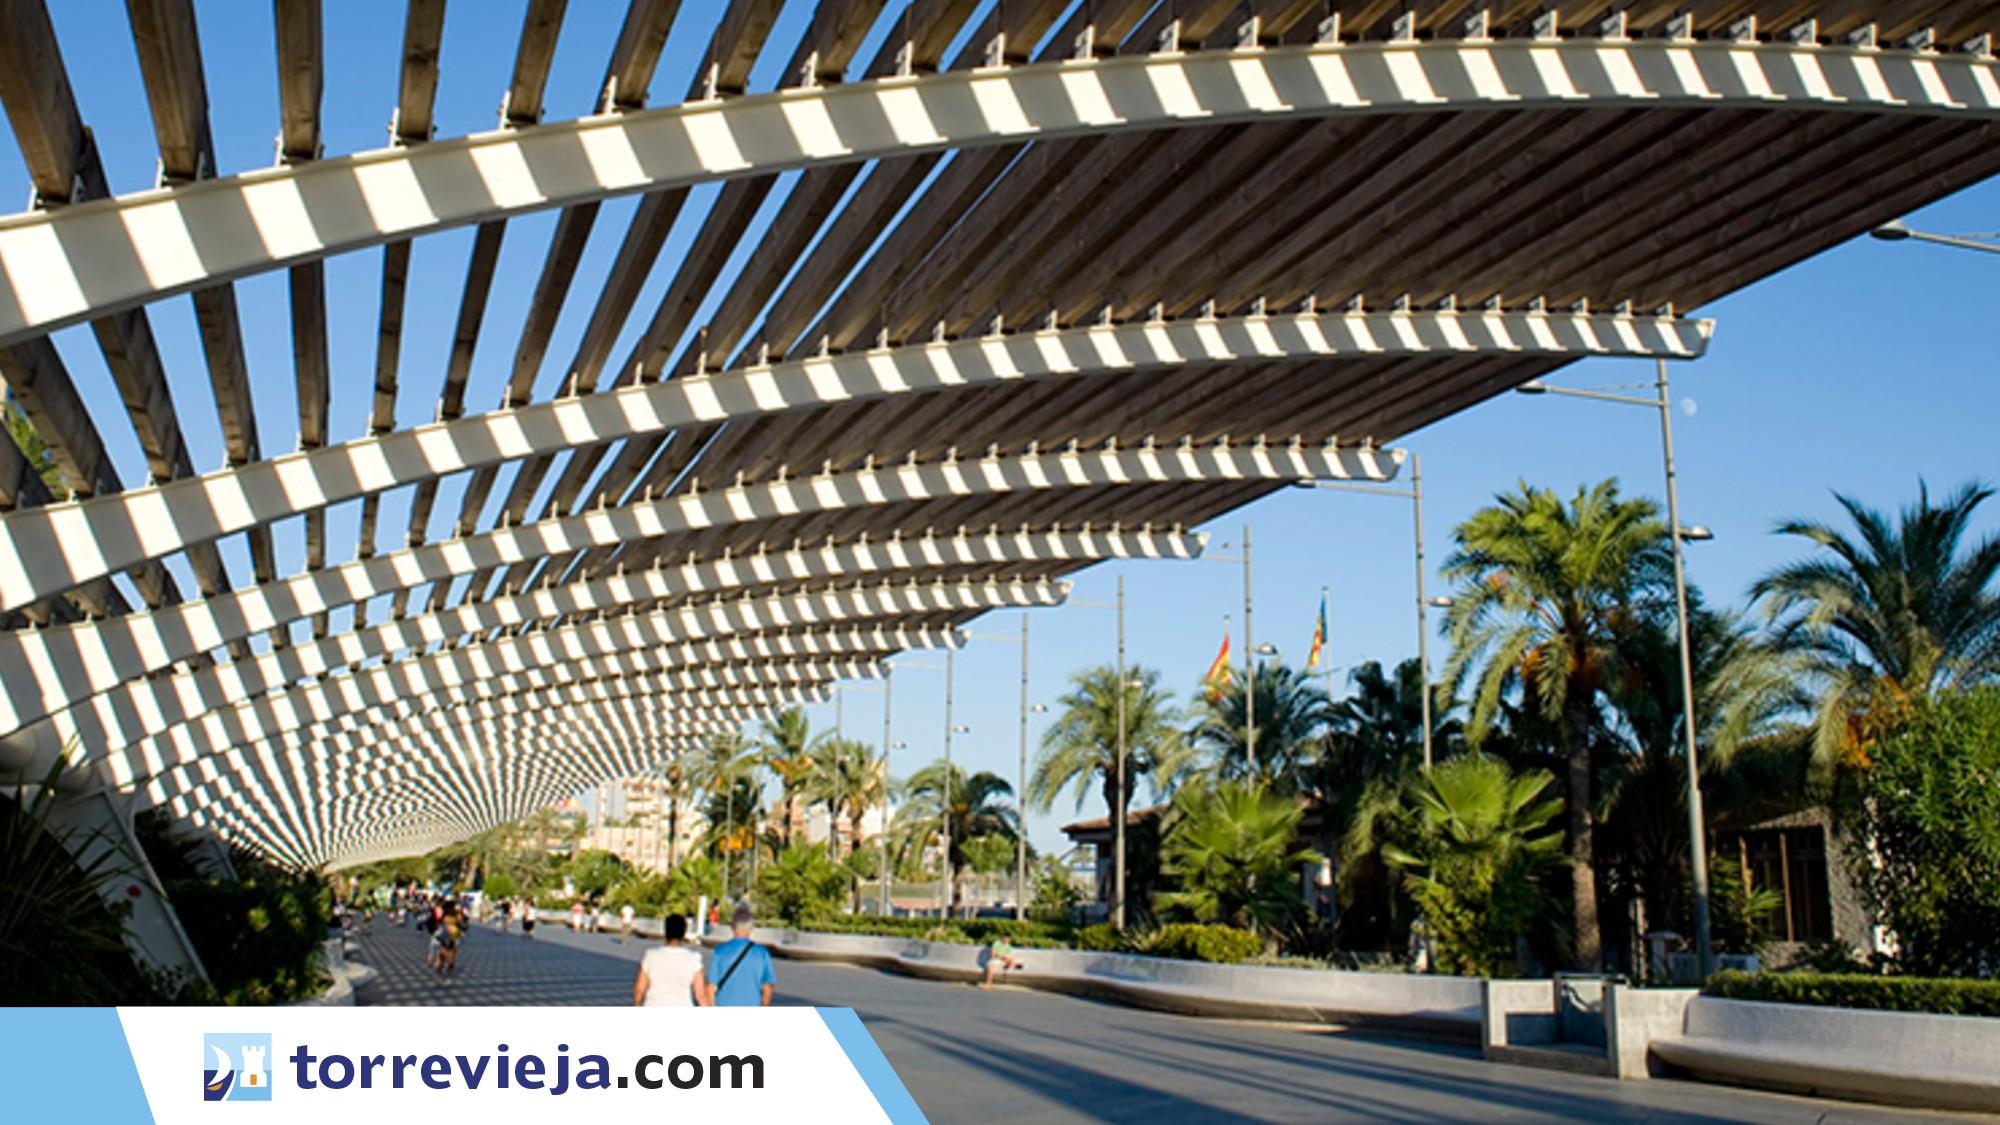 Reservar un Hotel en Torrevieja